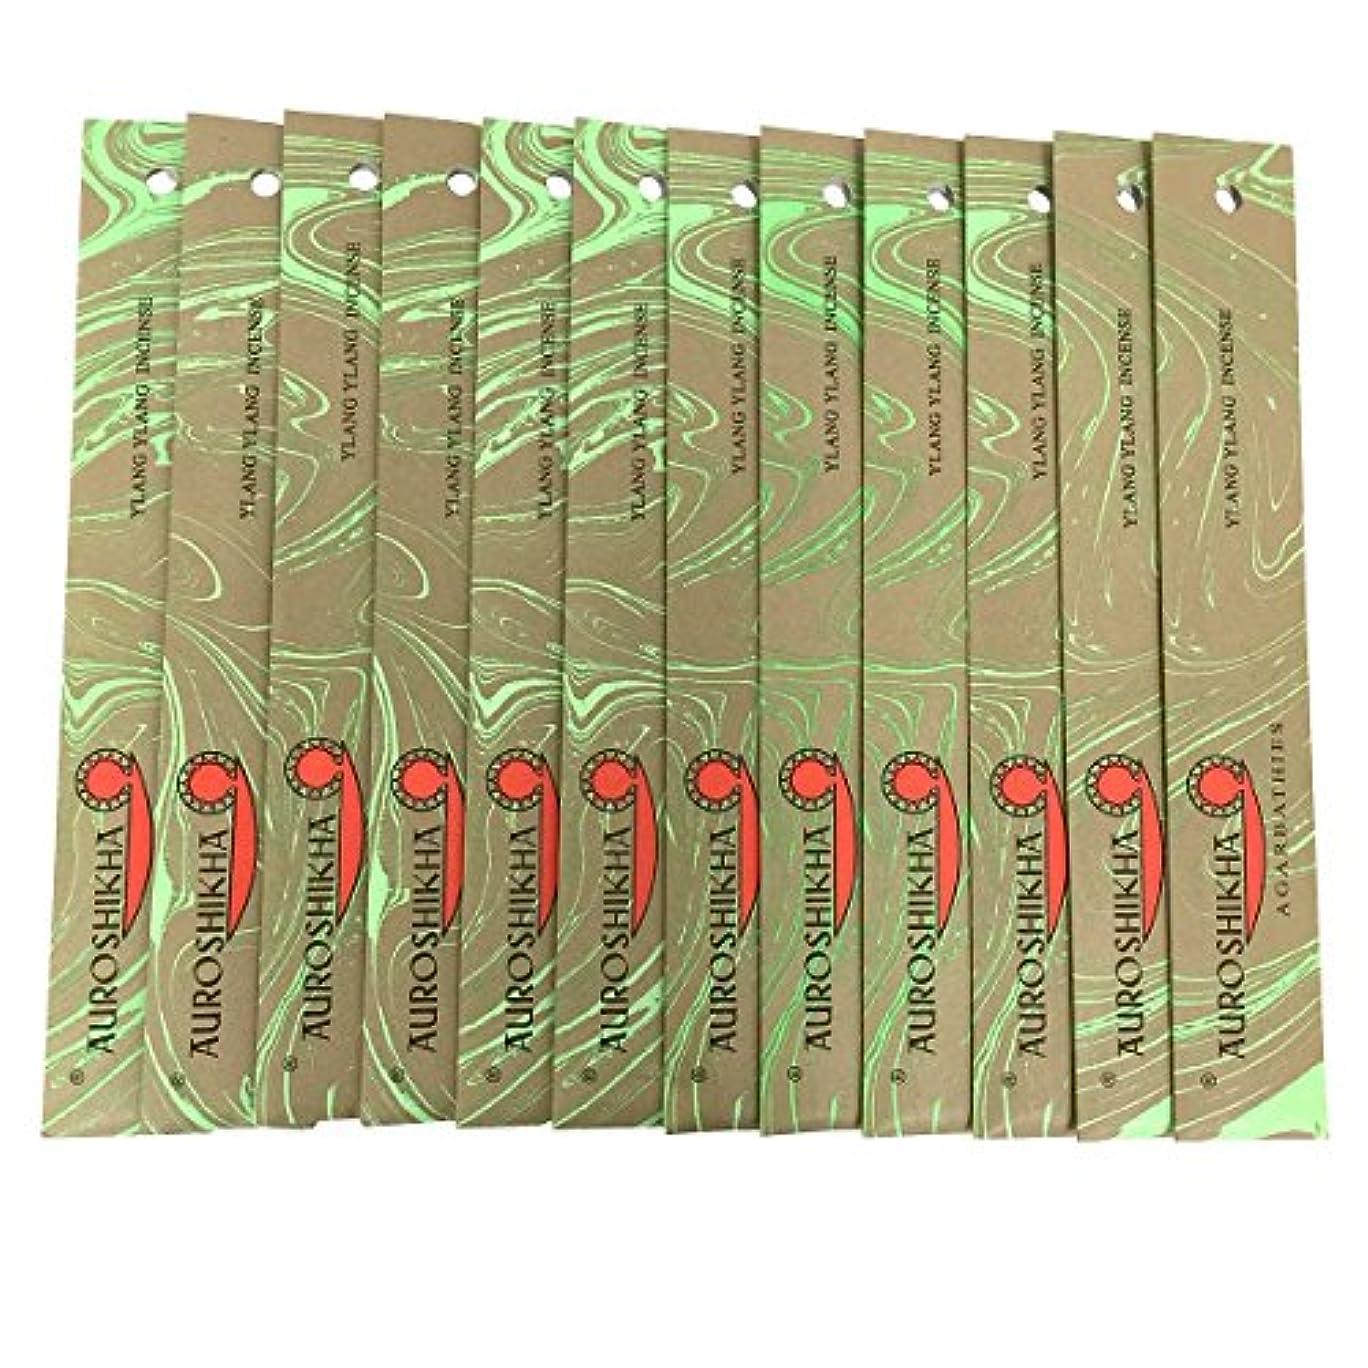 人間租界落とし穴AUROSHIKHA オウロシカ(YLANG YLANGイランイラン12個セット) マーブルパッケージスティック 送料無料